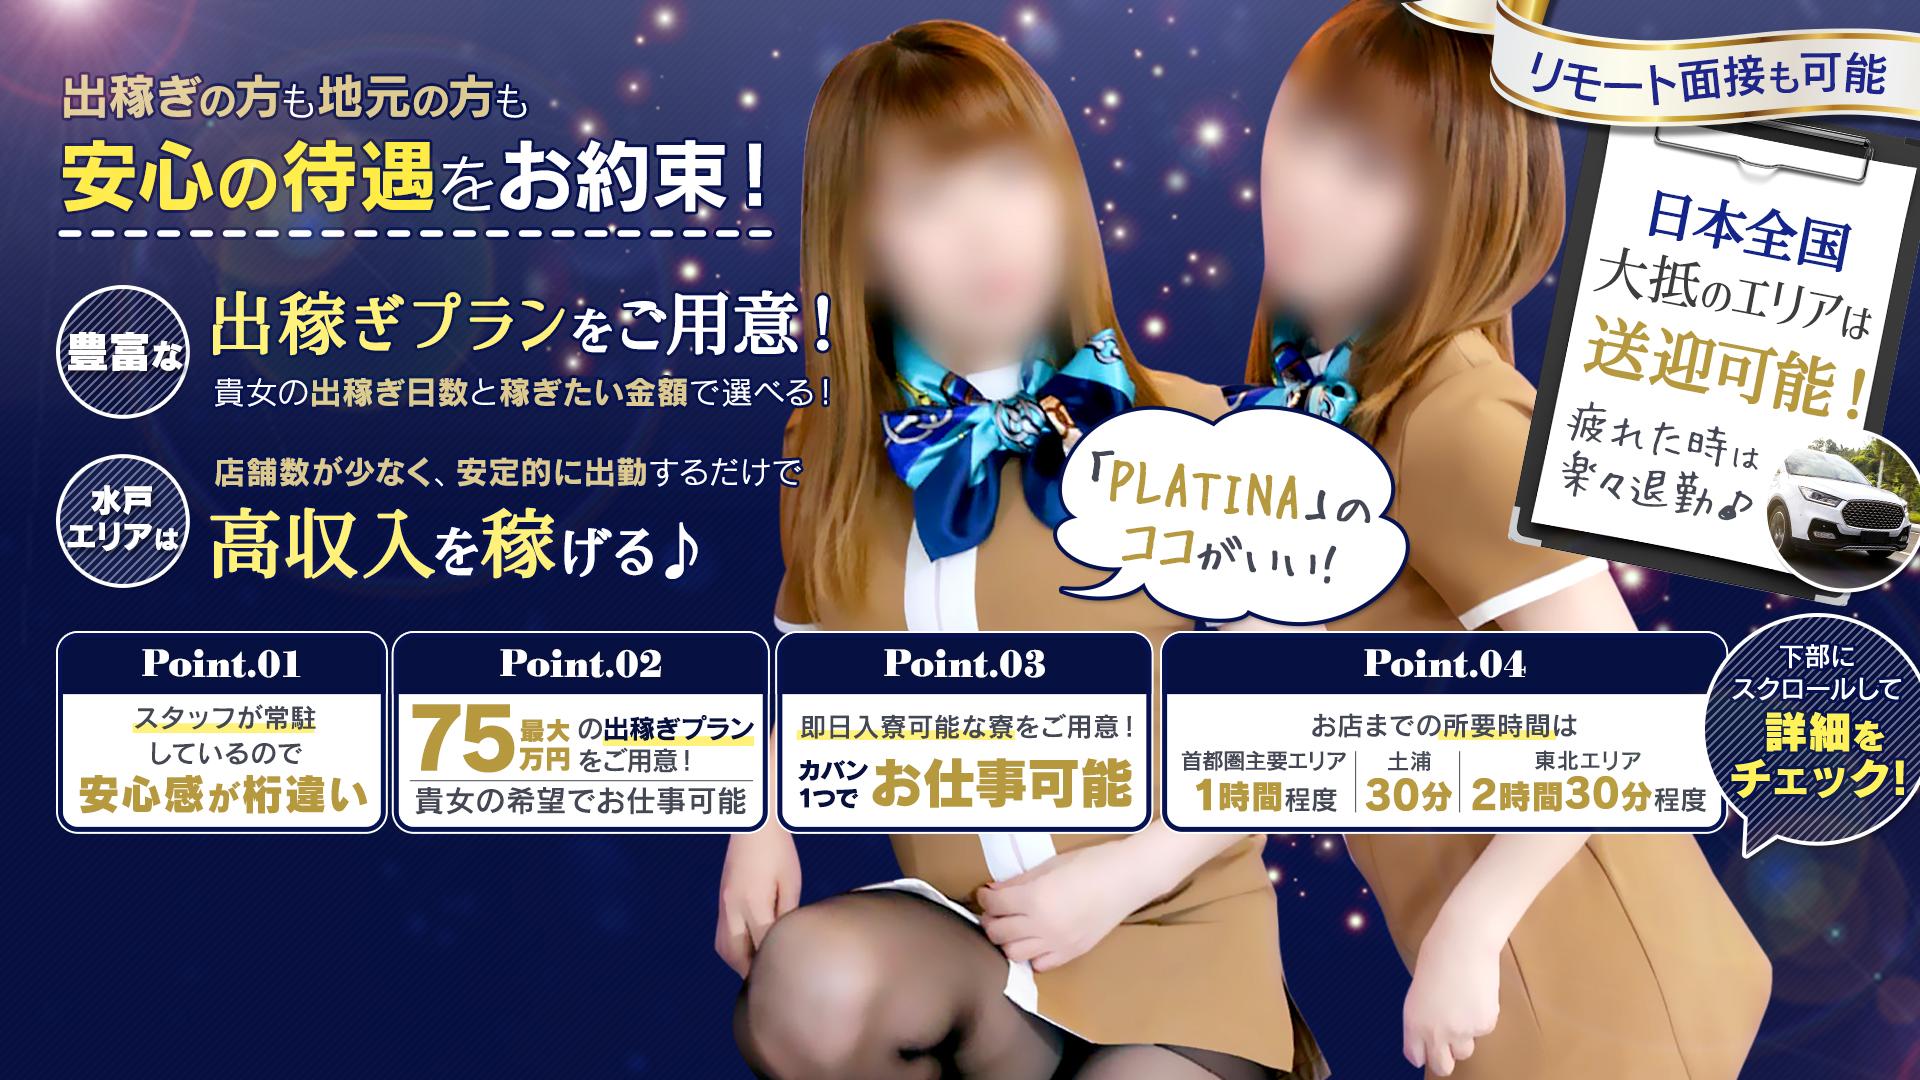 PLATINA-プラチナ- YESグループの求人画像